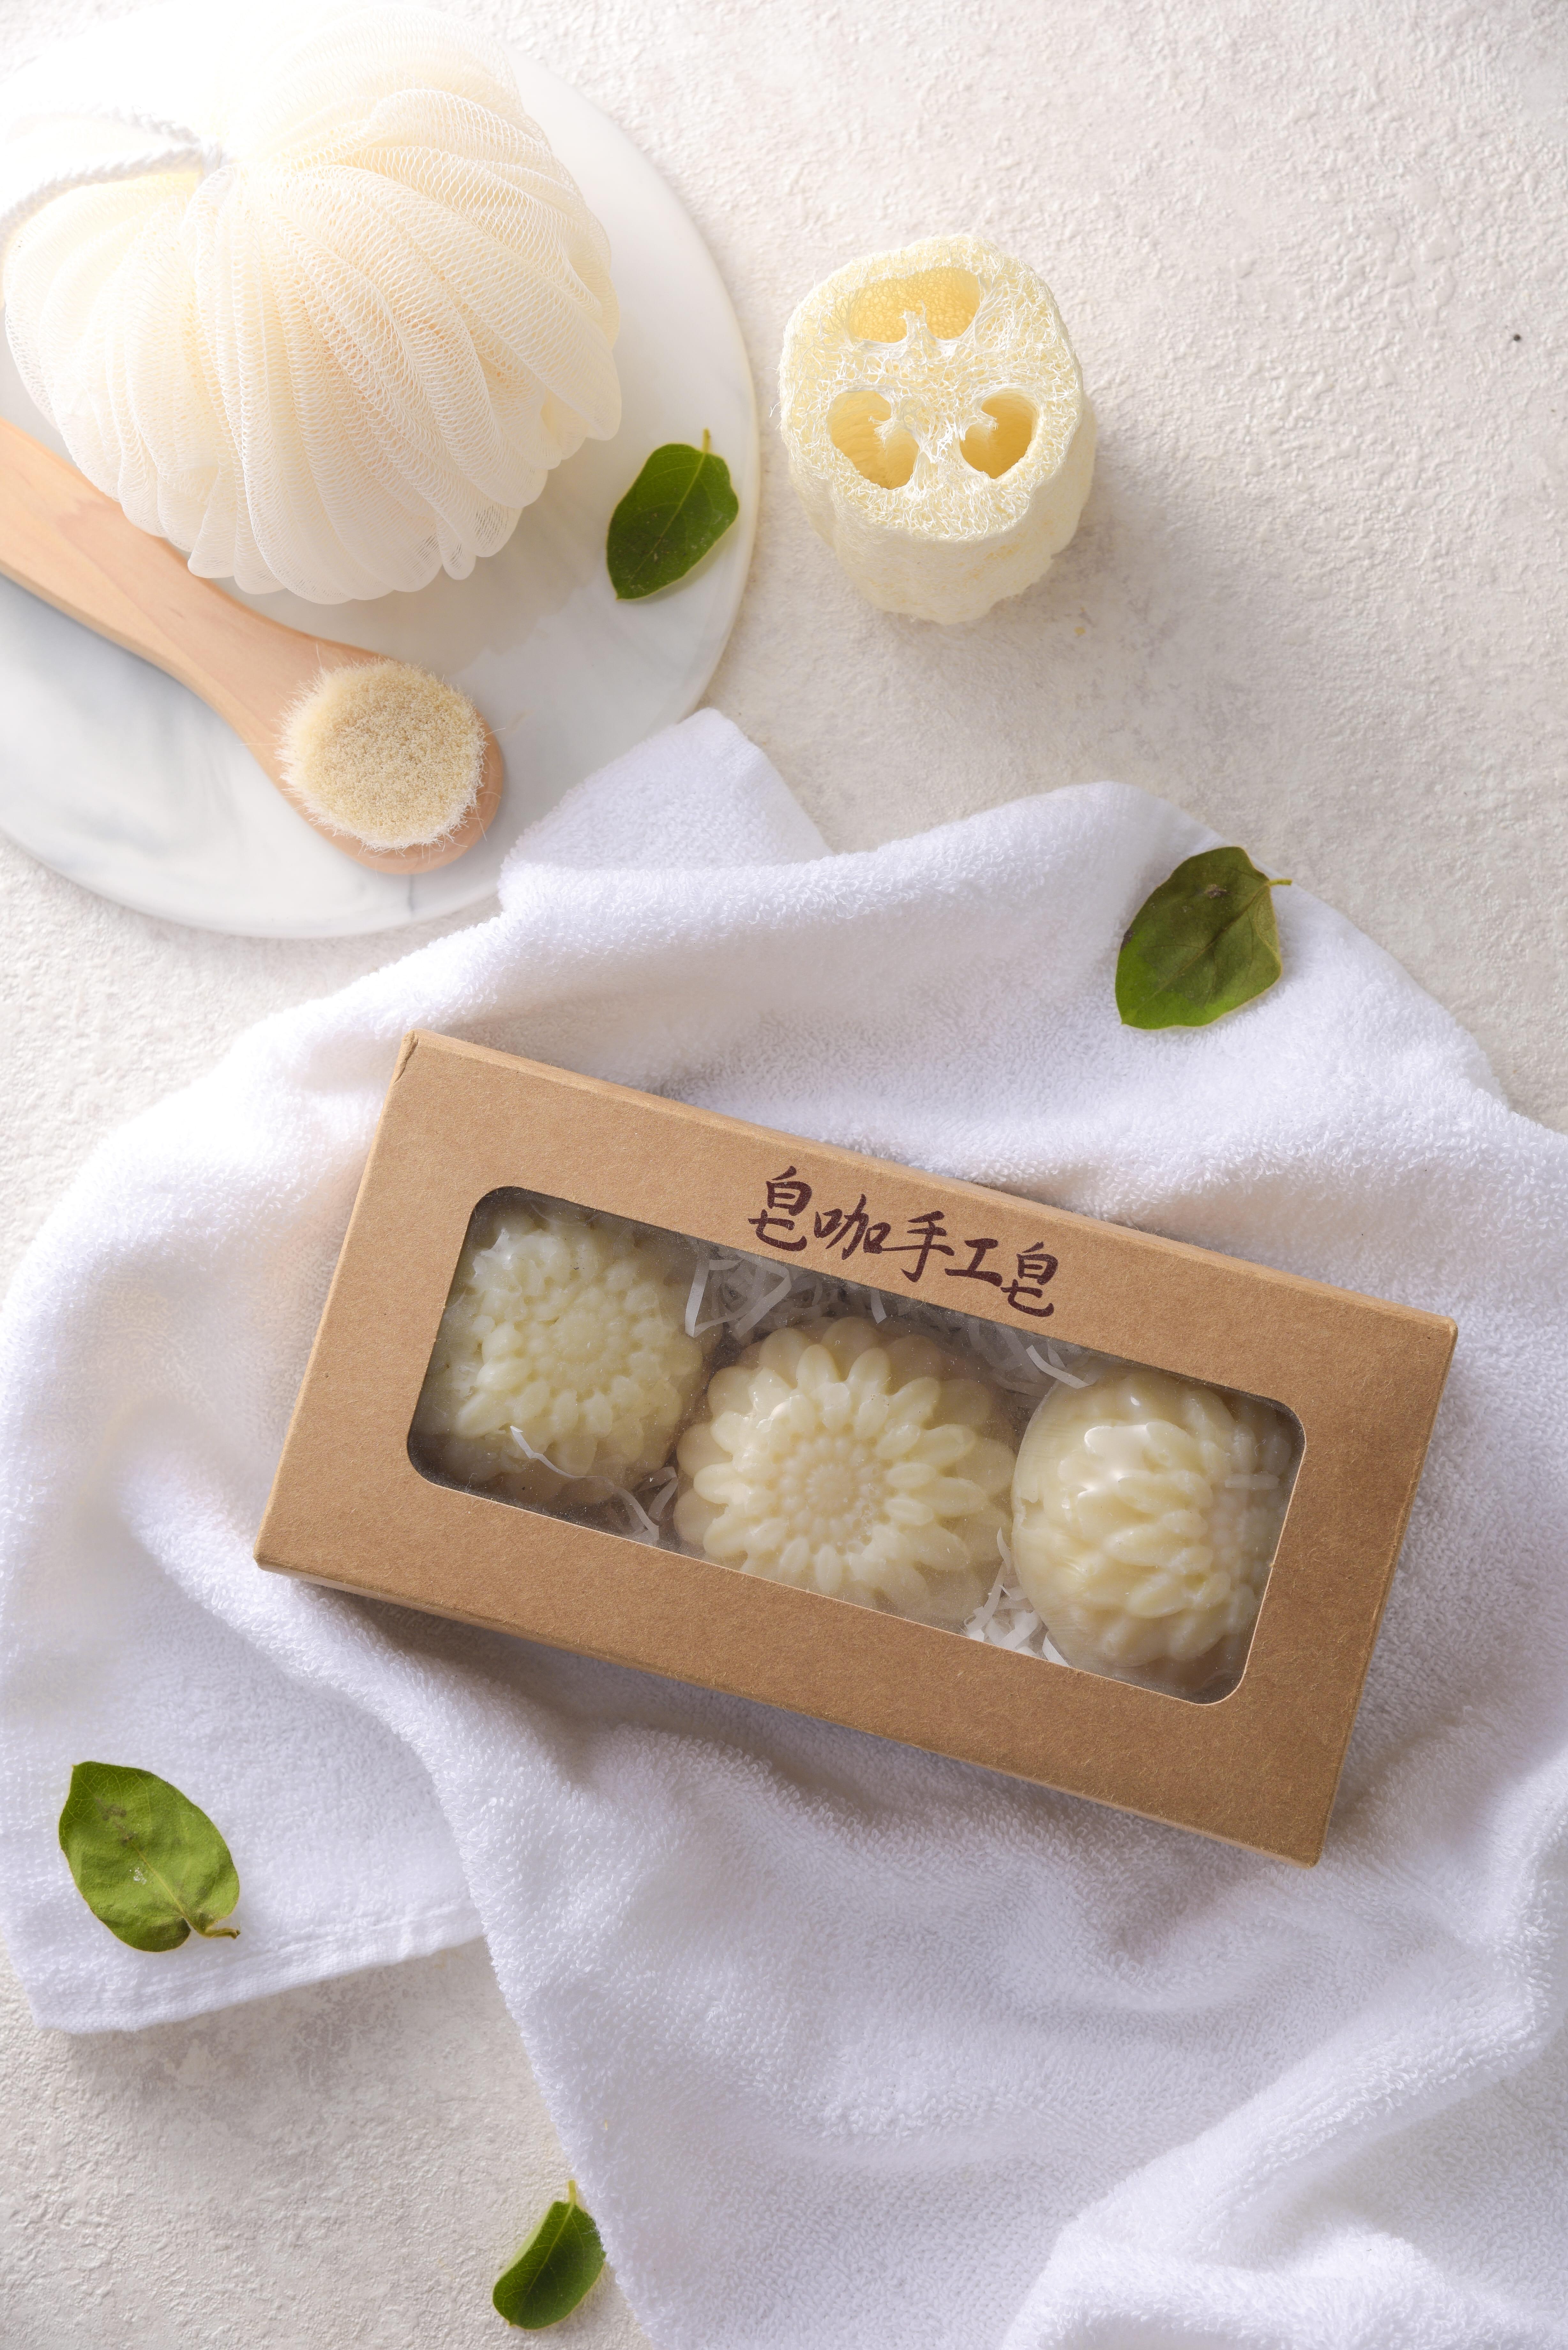 苦茶柔順洗髮皂--3入/盒,110g/入,466元/盒